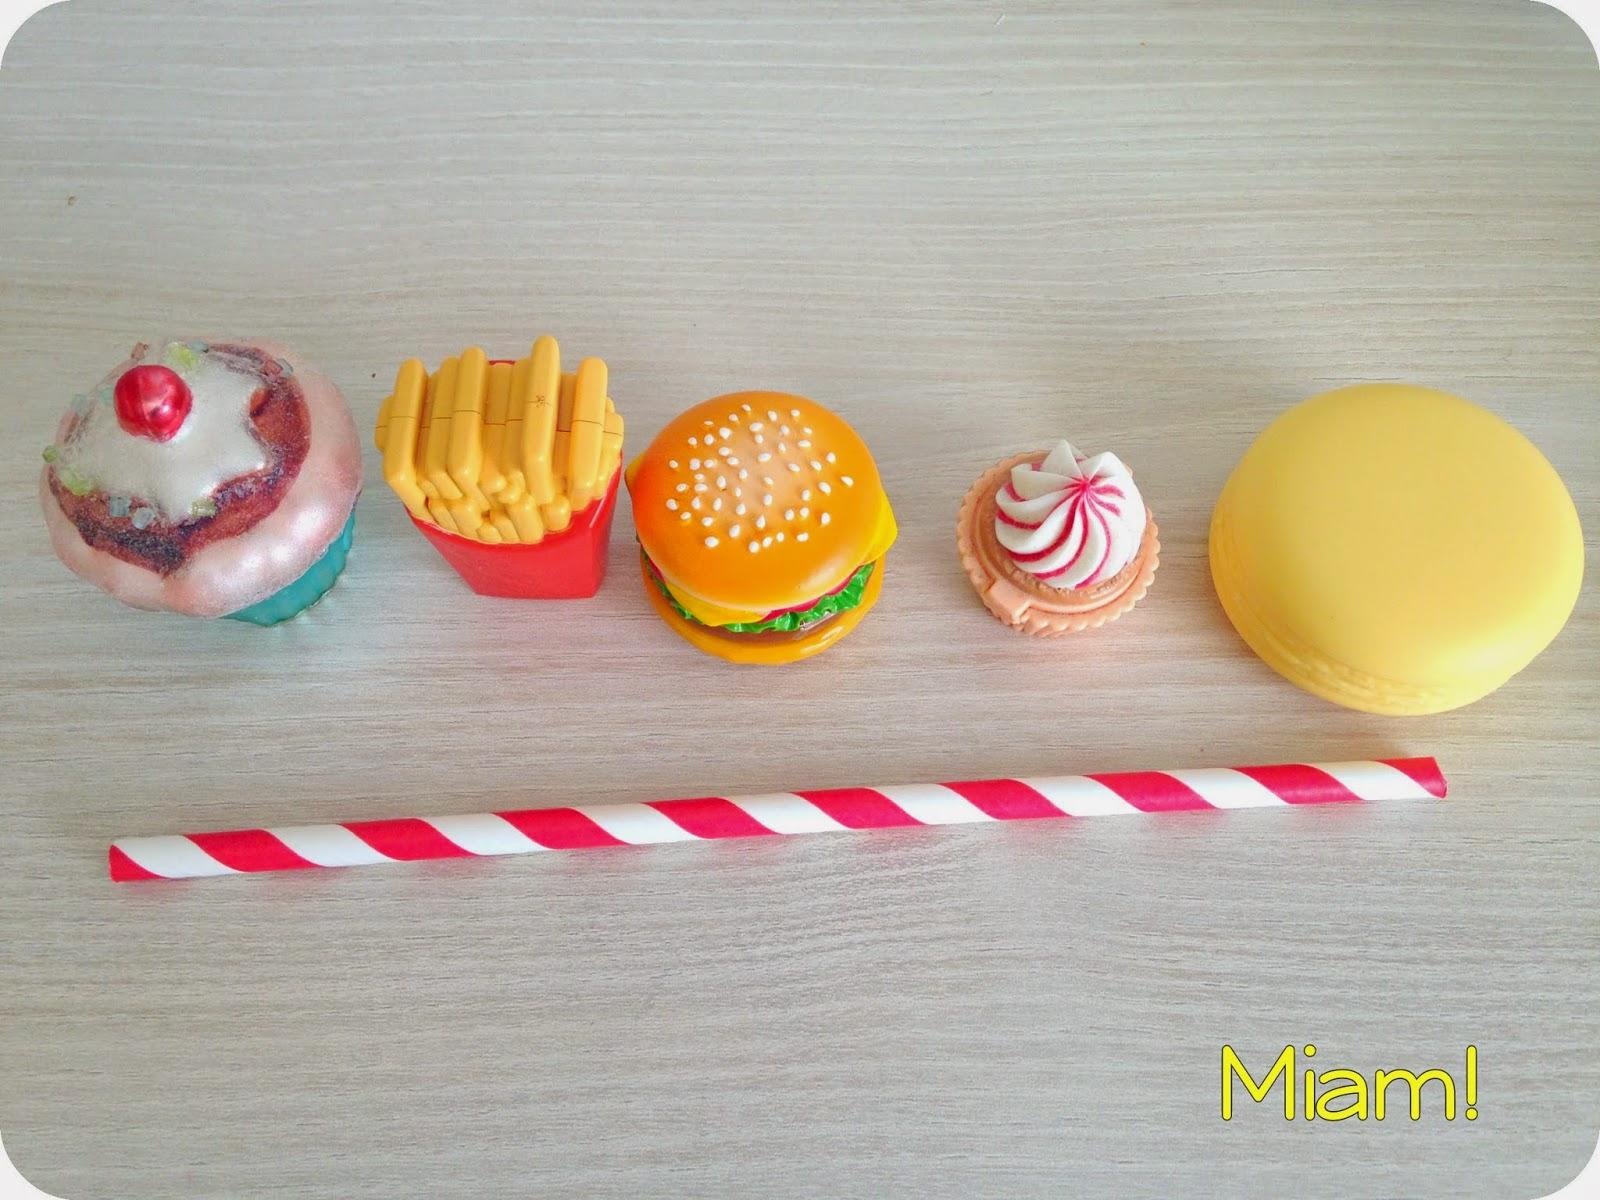 baumes à lèvres frites burger macaron cup cake cute mignon